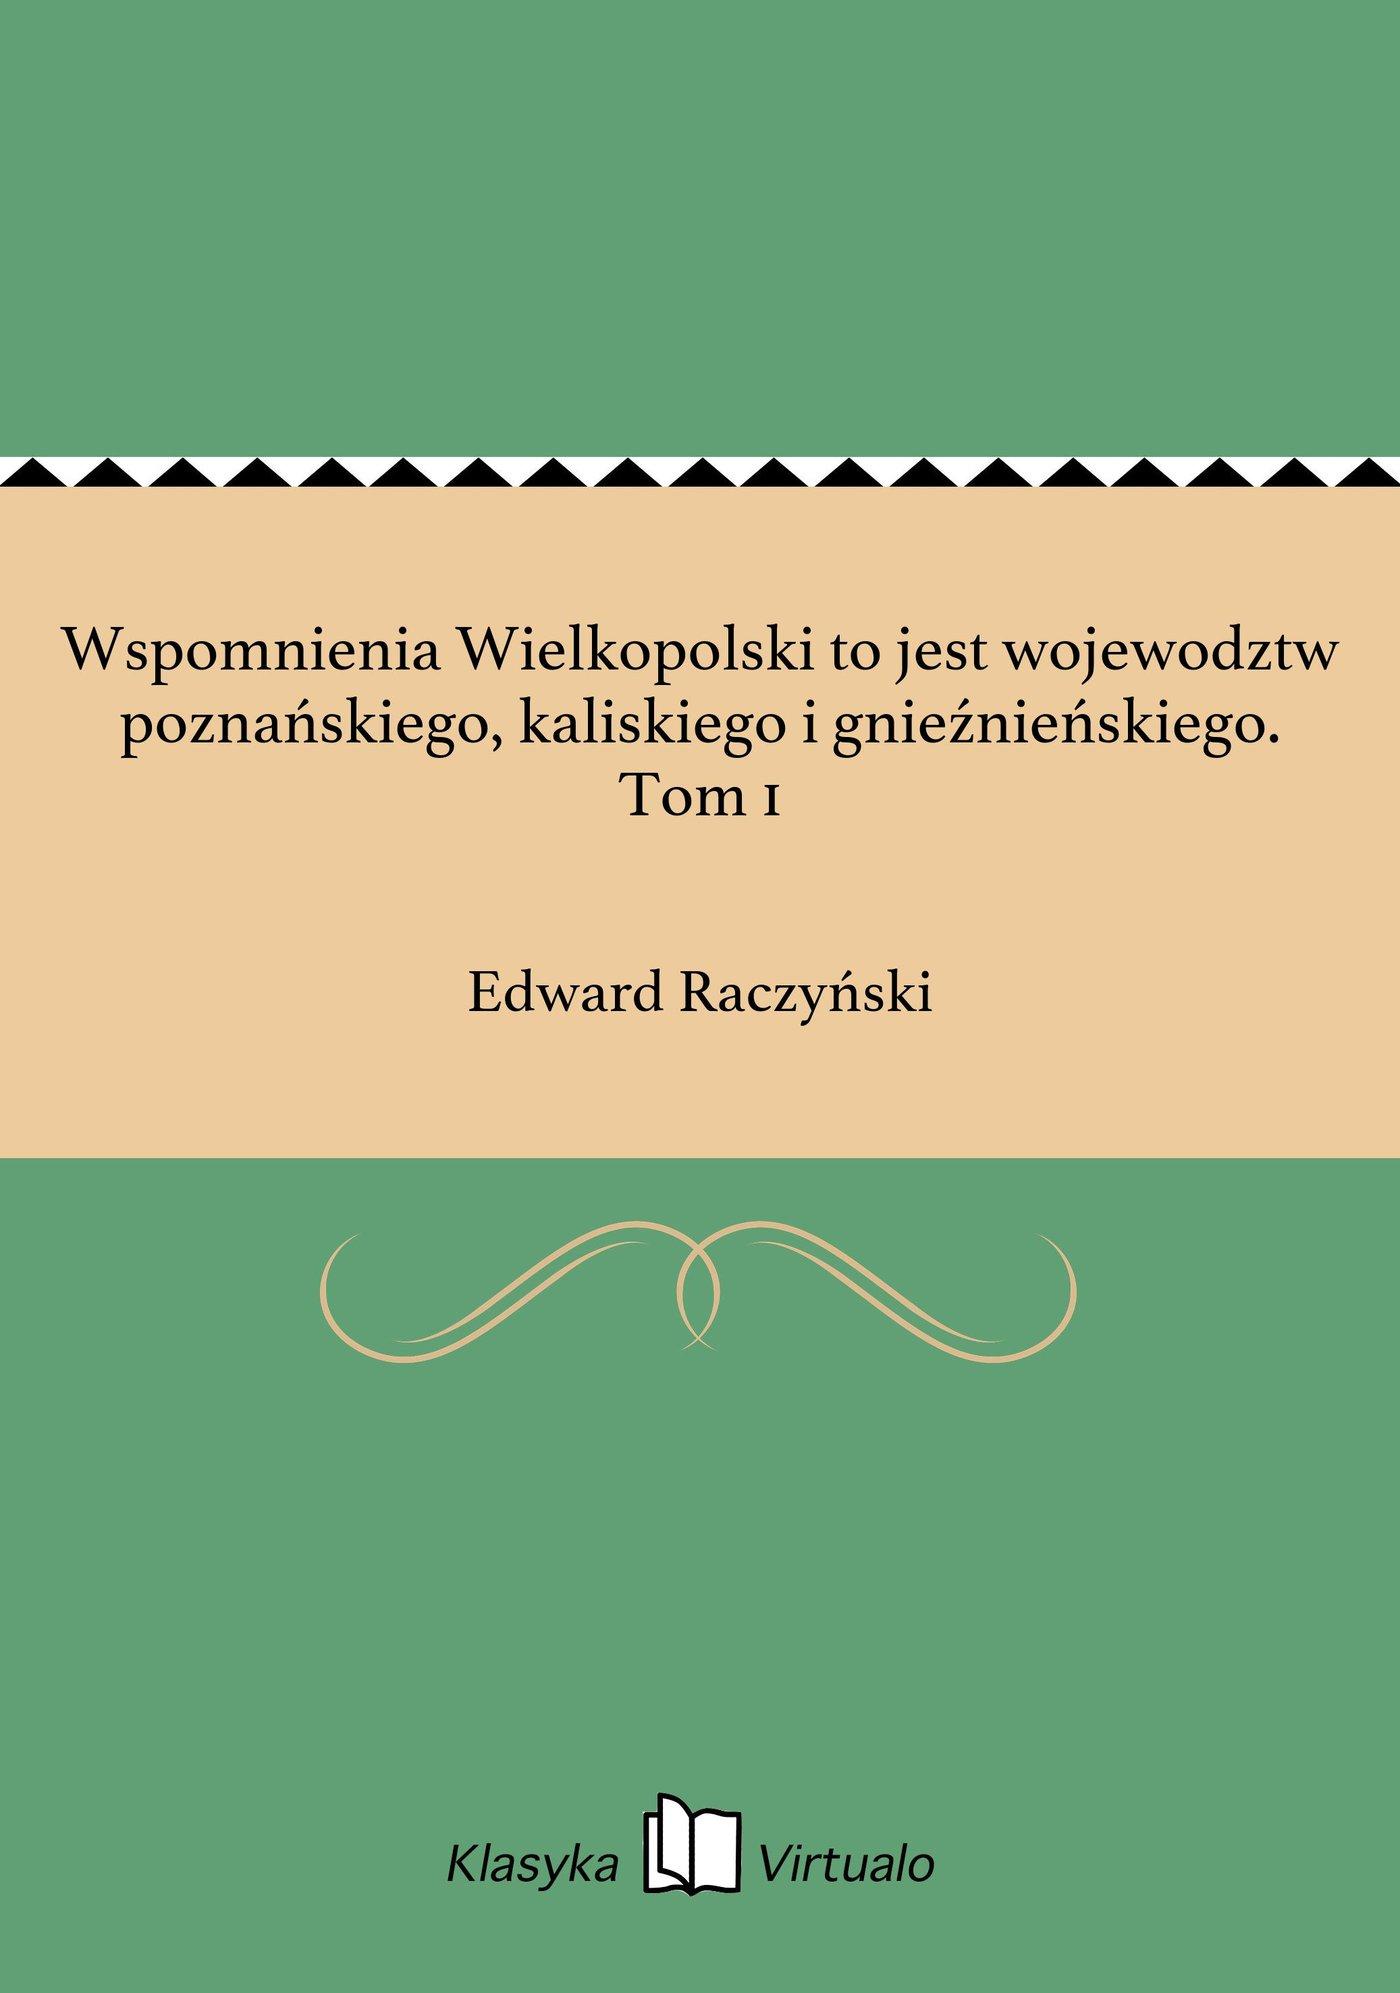 Wspomnienia Wielkopolski to jest wojewodztw poznańskiego, kaliskiego i gnieźnieńskiego. Tom 1 - Ebook (Książka EPUB) do pobrania w formacie EPUB